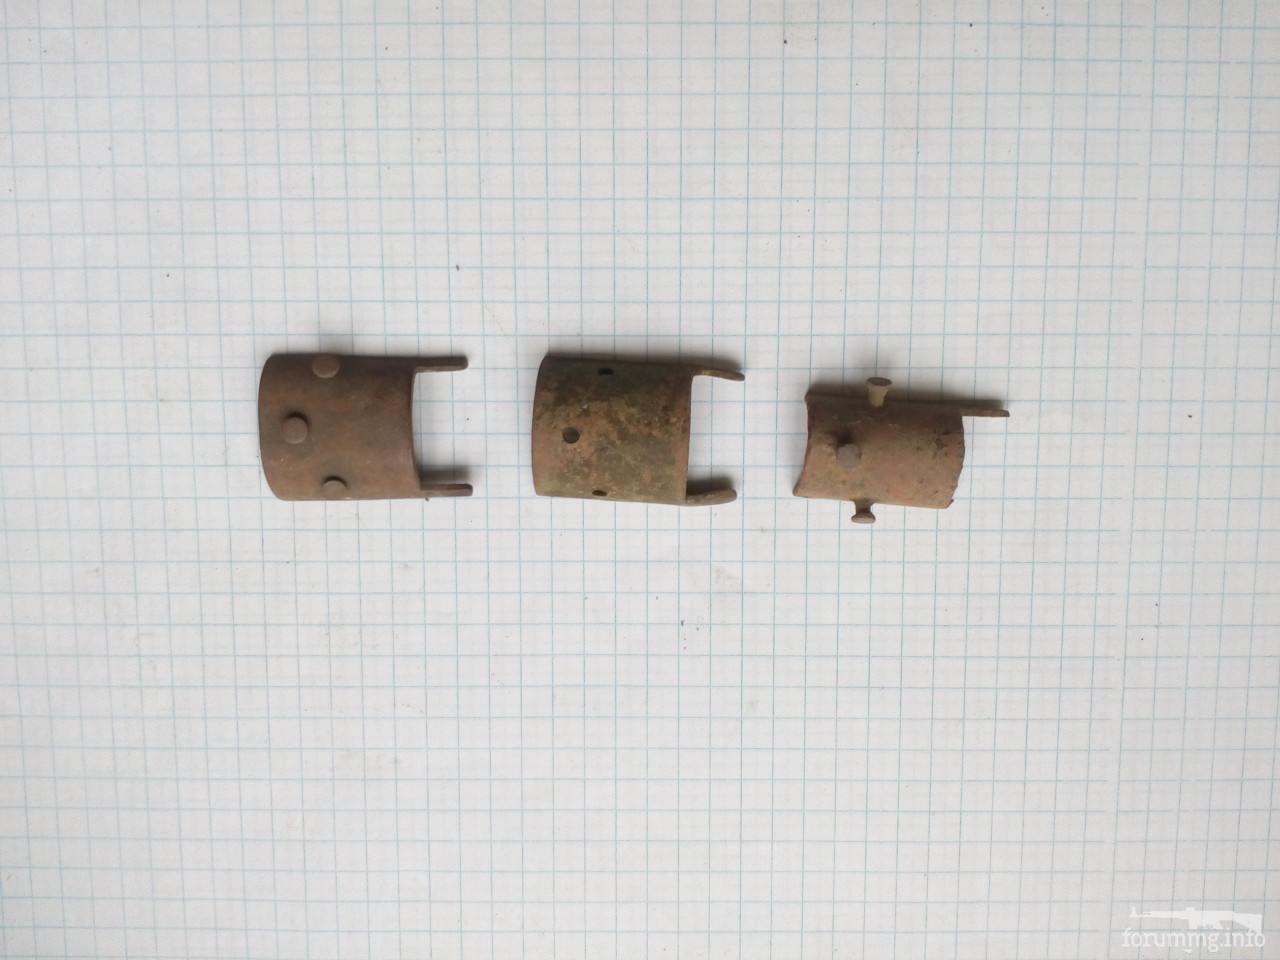 120203 - Наконечники с заклепками ствольной накладки винтовки Мосина образца 1891 года